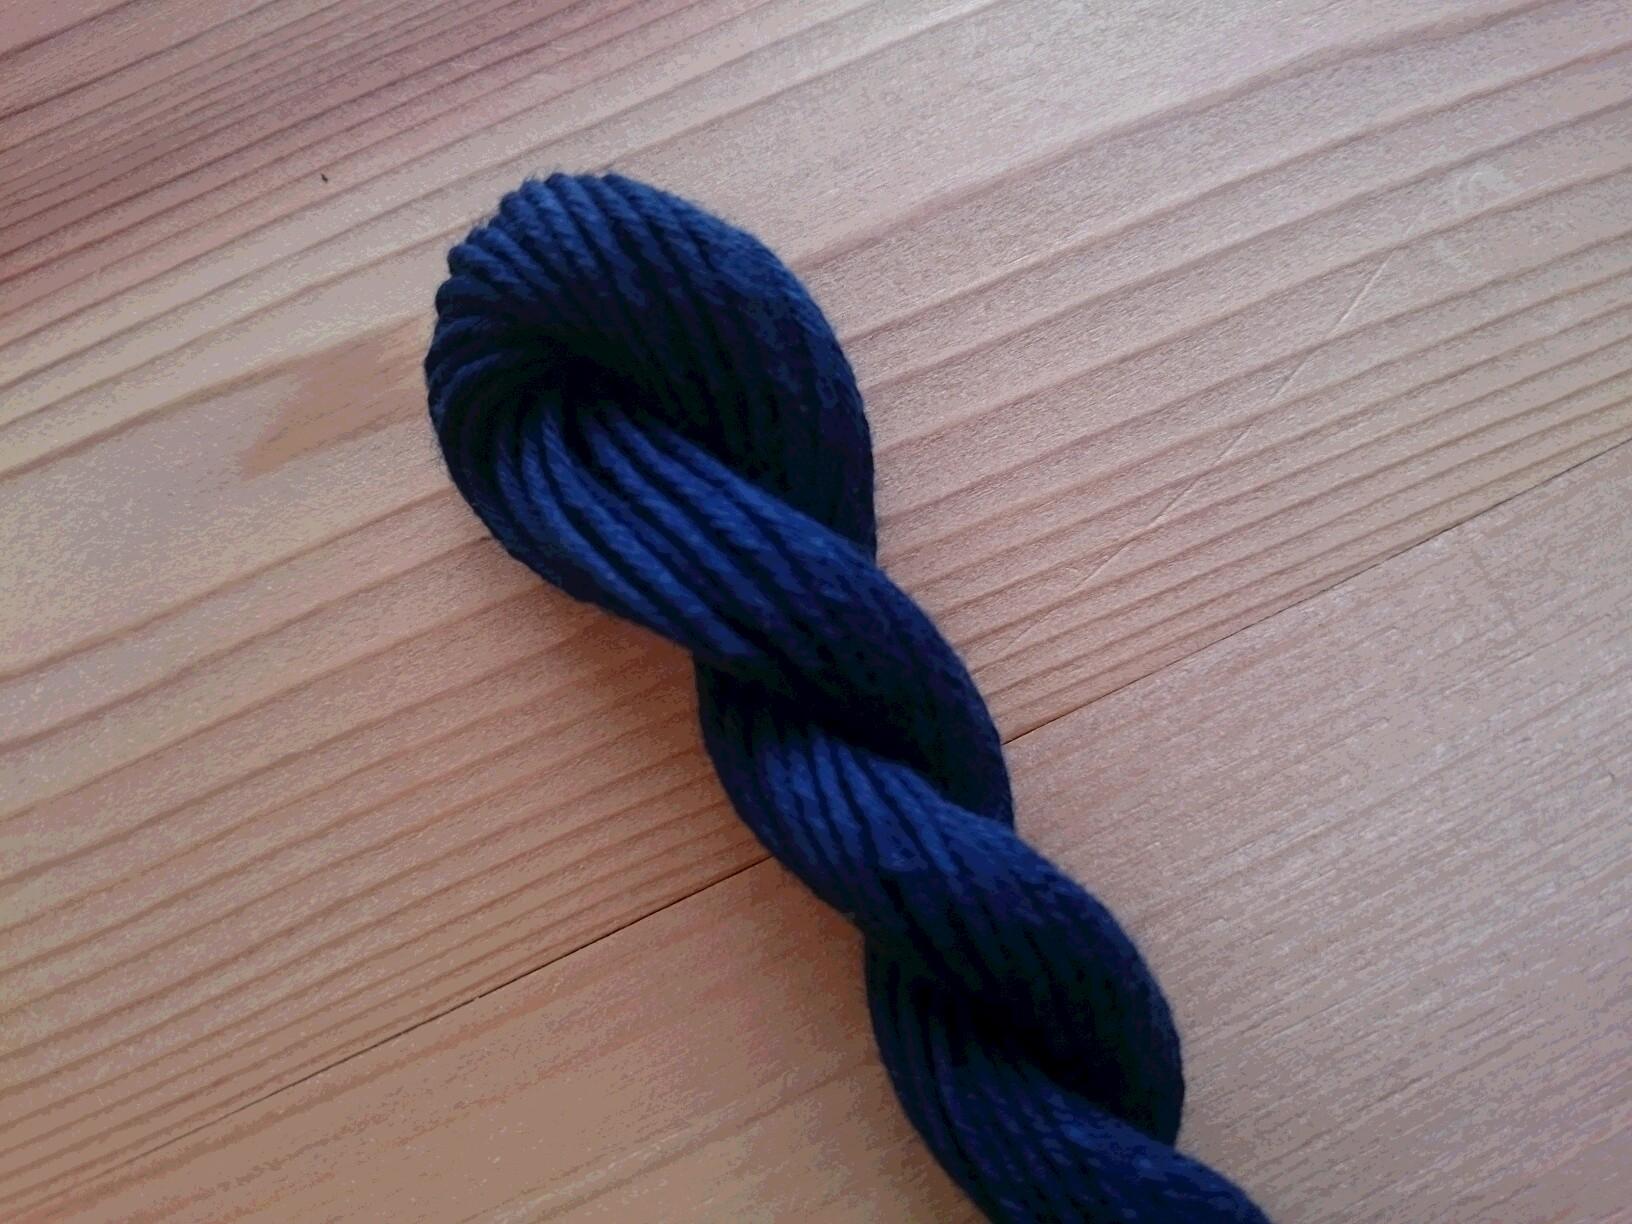 阿波藍 藍色